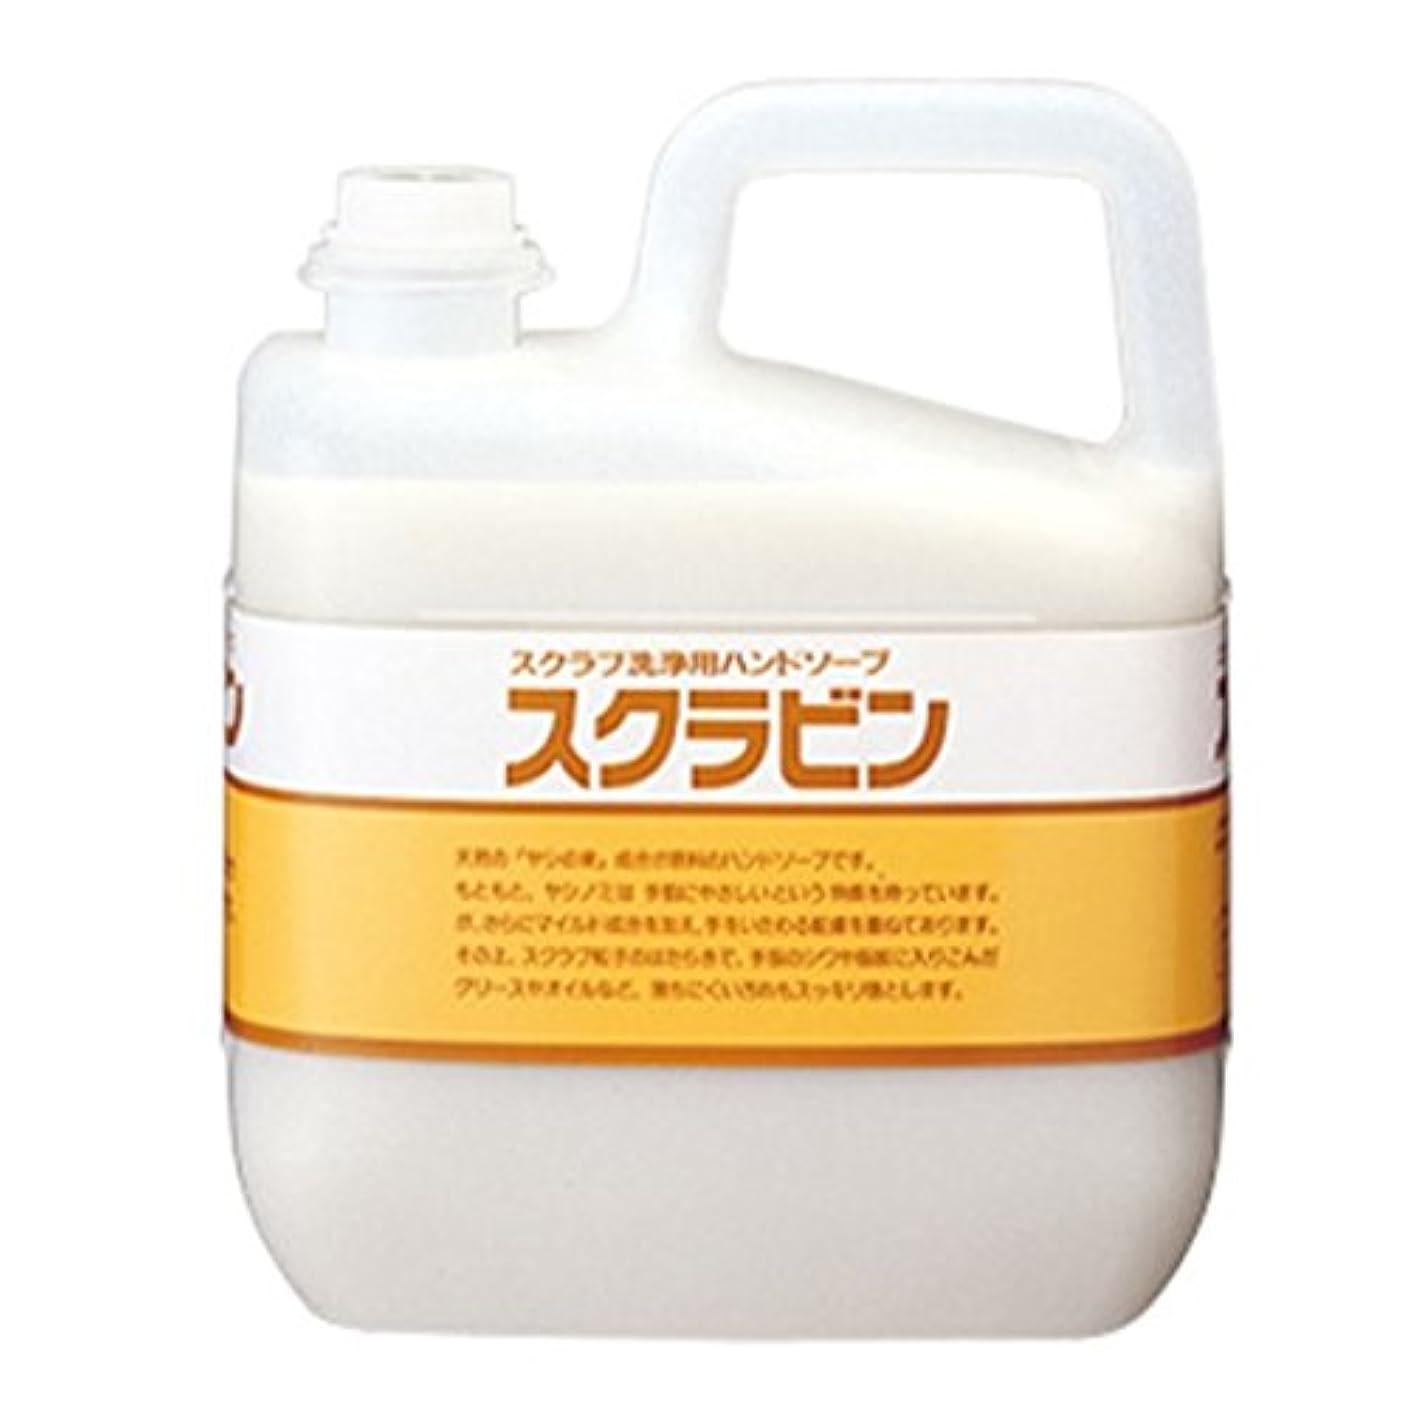 確かにアレイ花火【ケース販売】23188 スクラブ洗浄用ハンドソープ スクラビン 5kg×3個